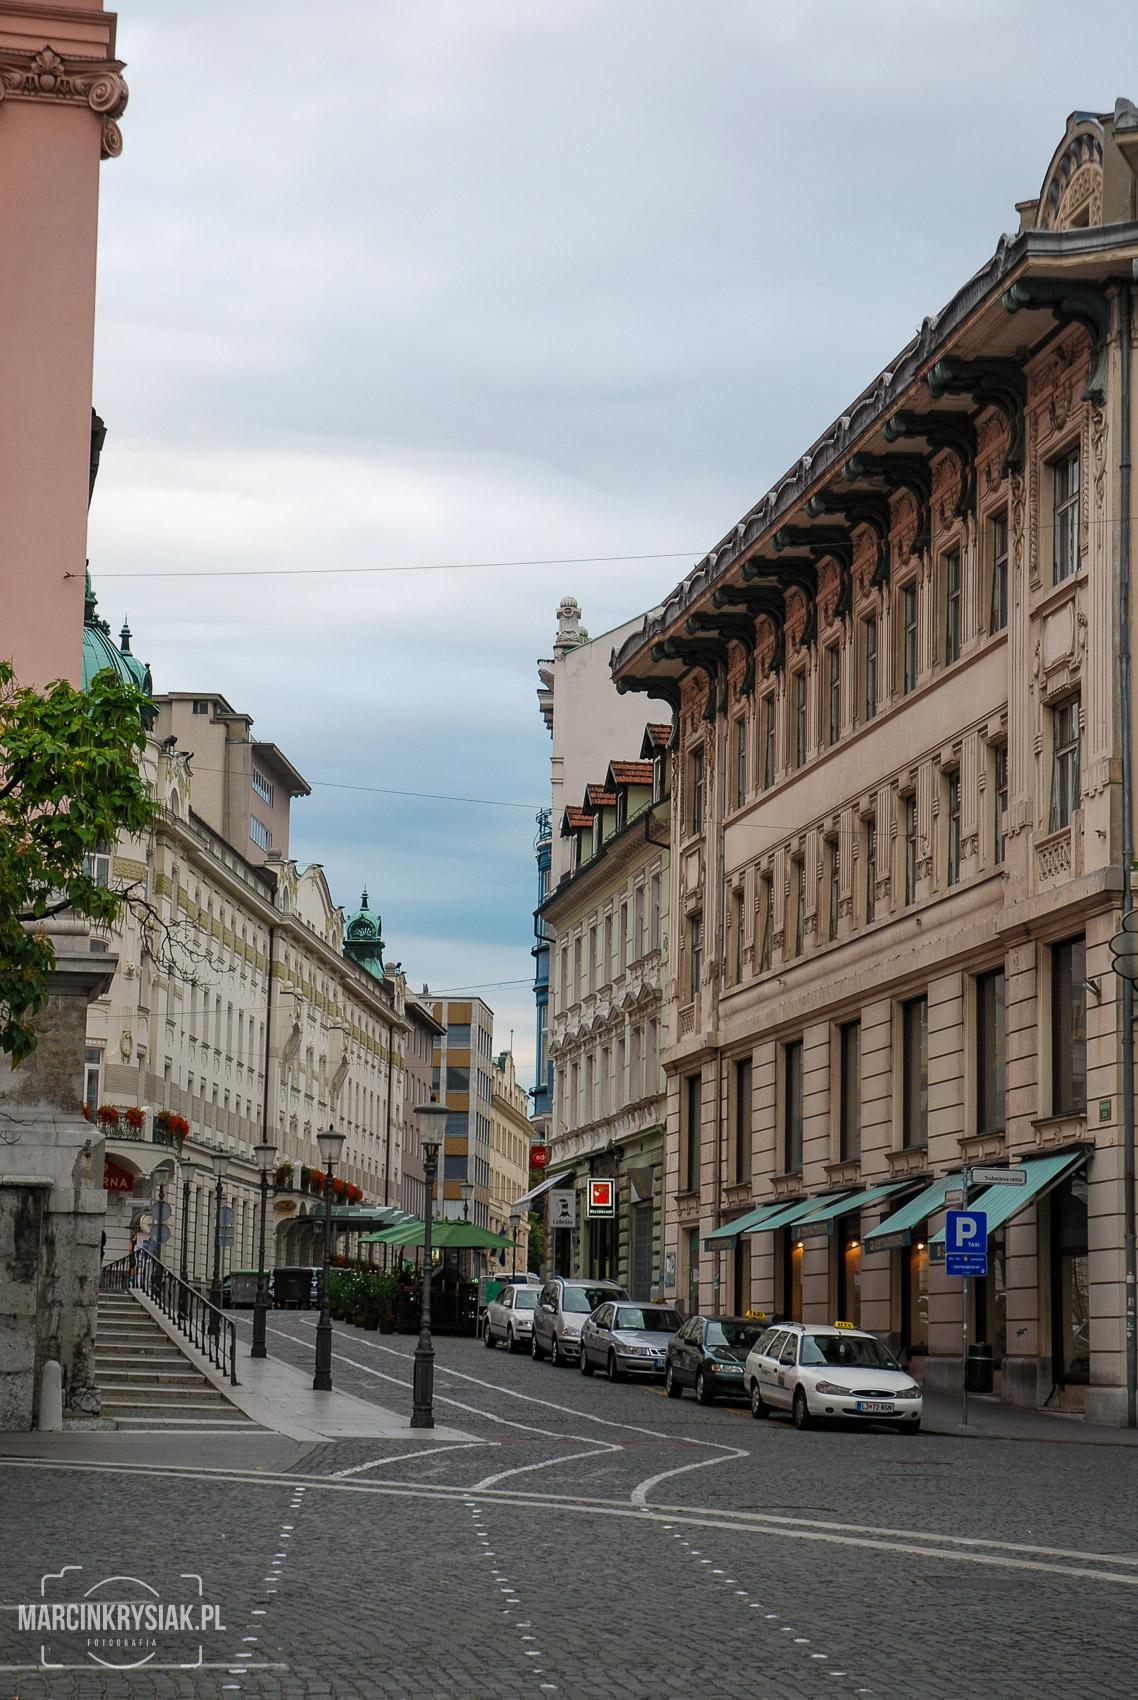 kamienice, miasto, Lublana, stolica, centrum, kwiatki, Słowenia